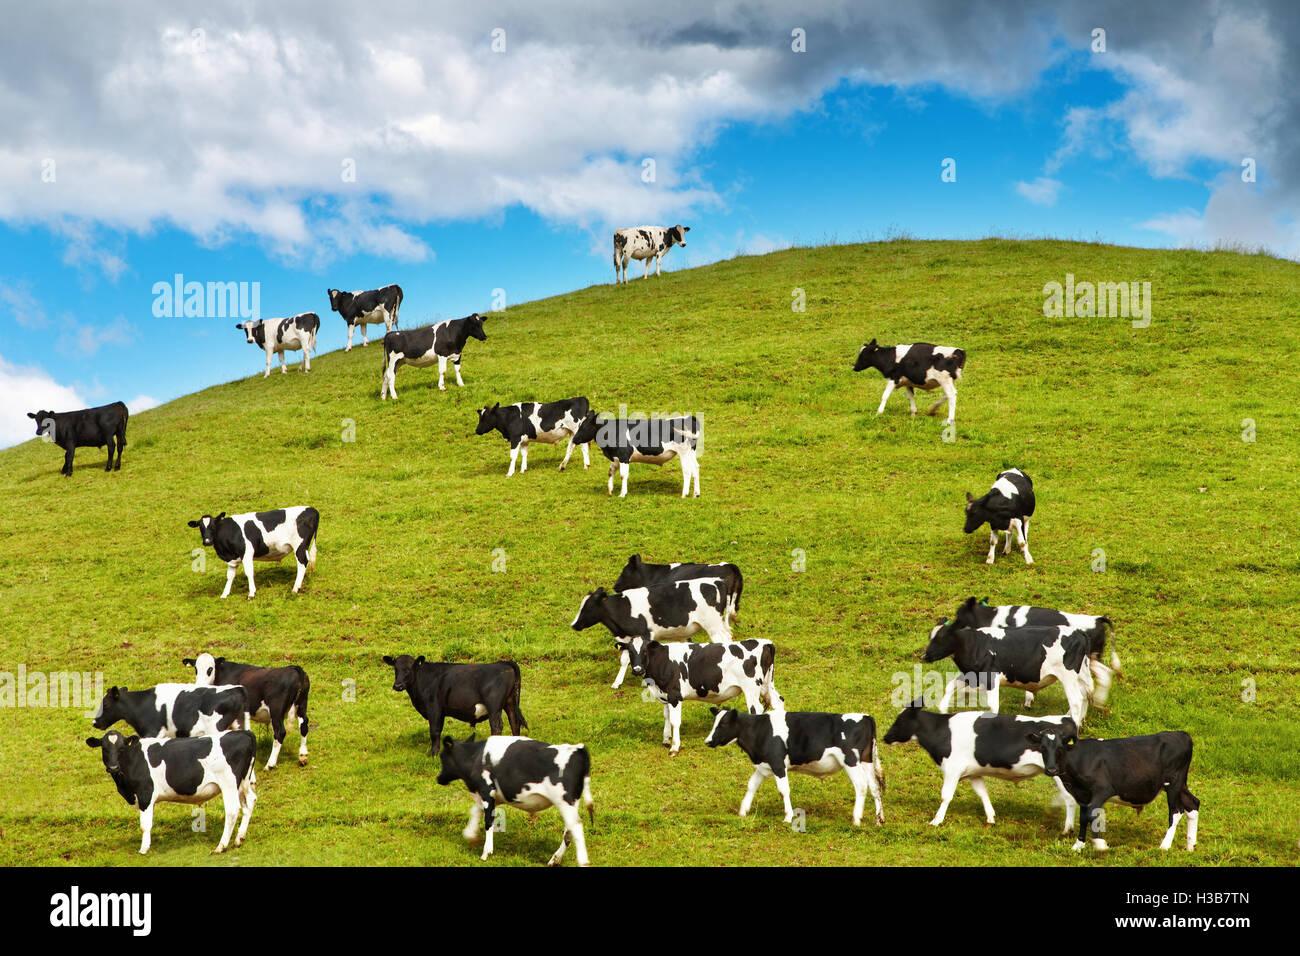 Vitelli al pascolo su una verde collina, Nuova Zelanda Immagini Stock